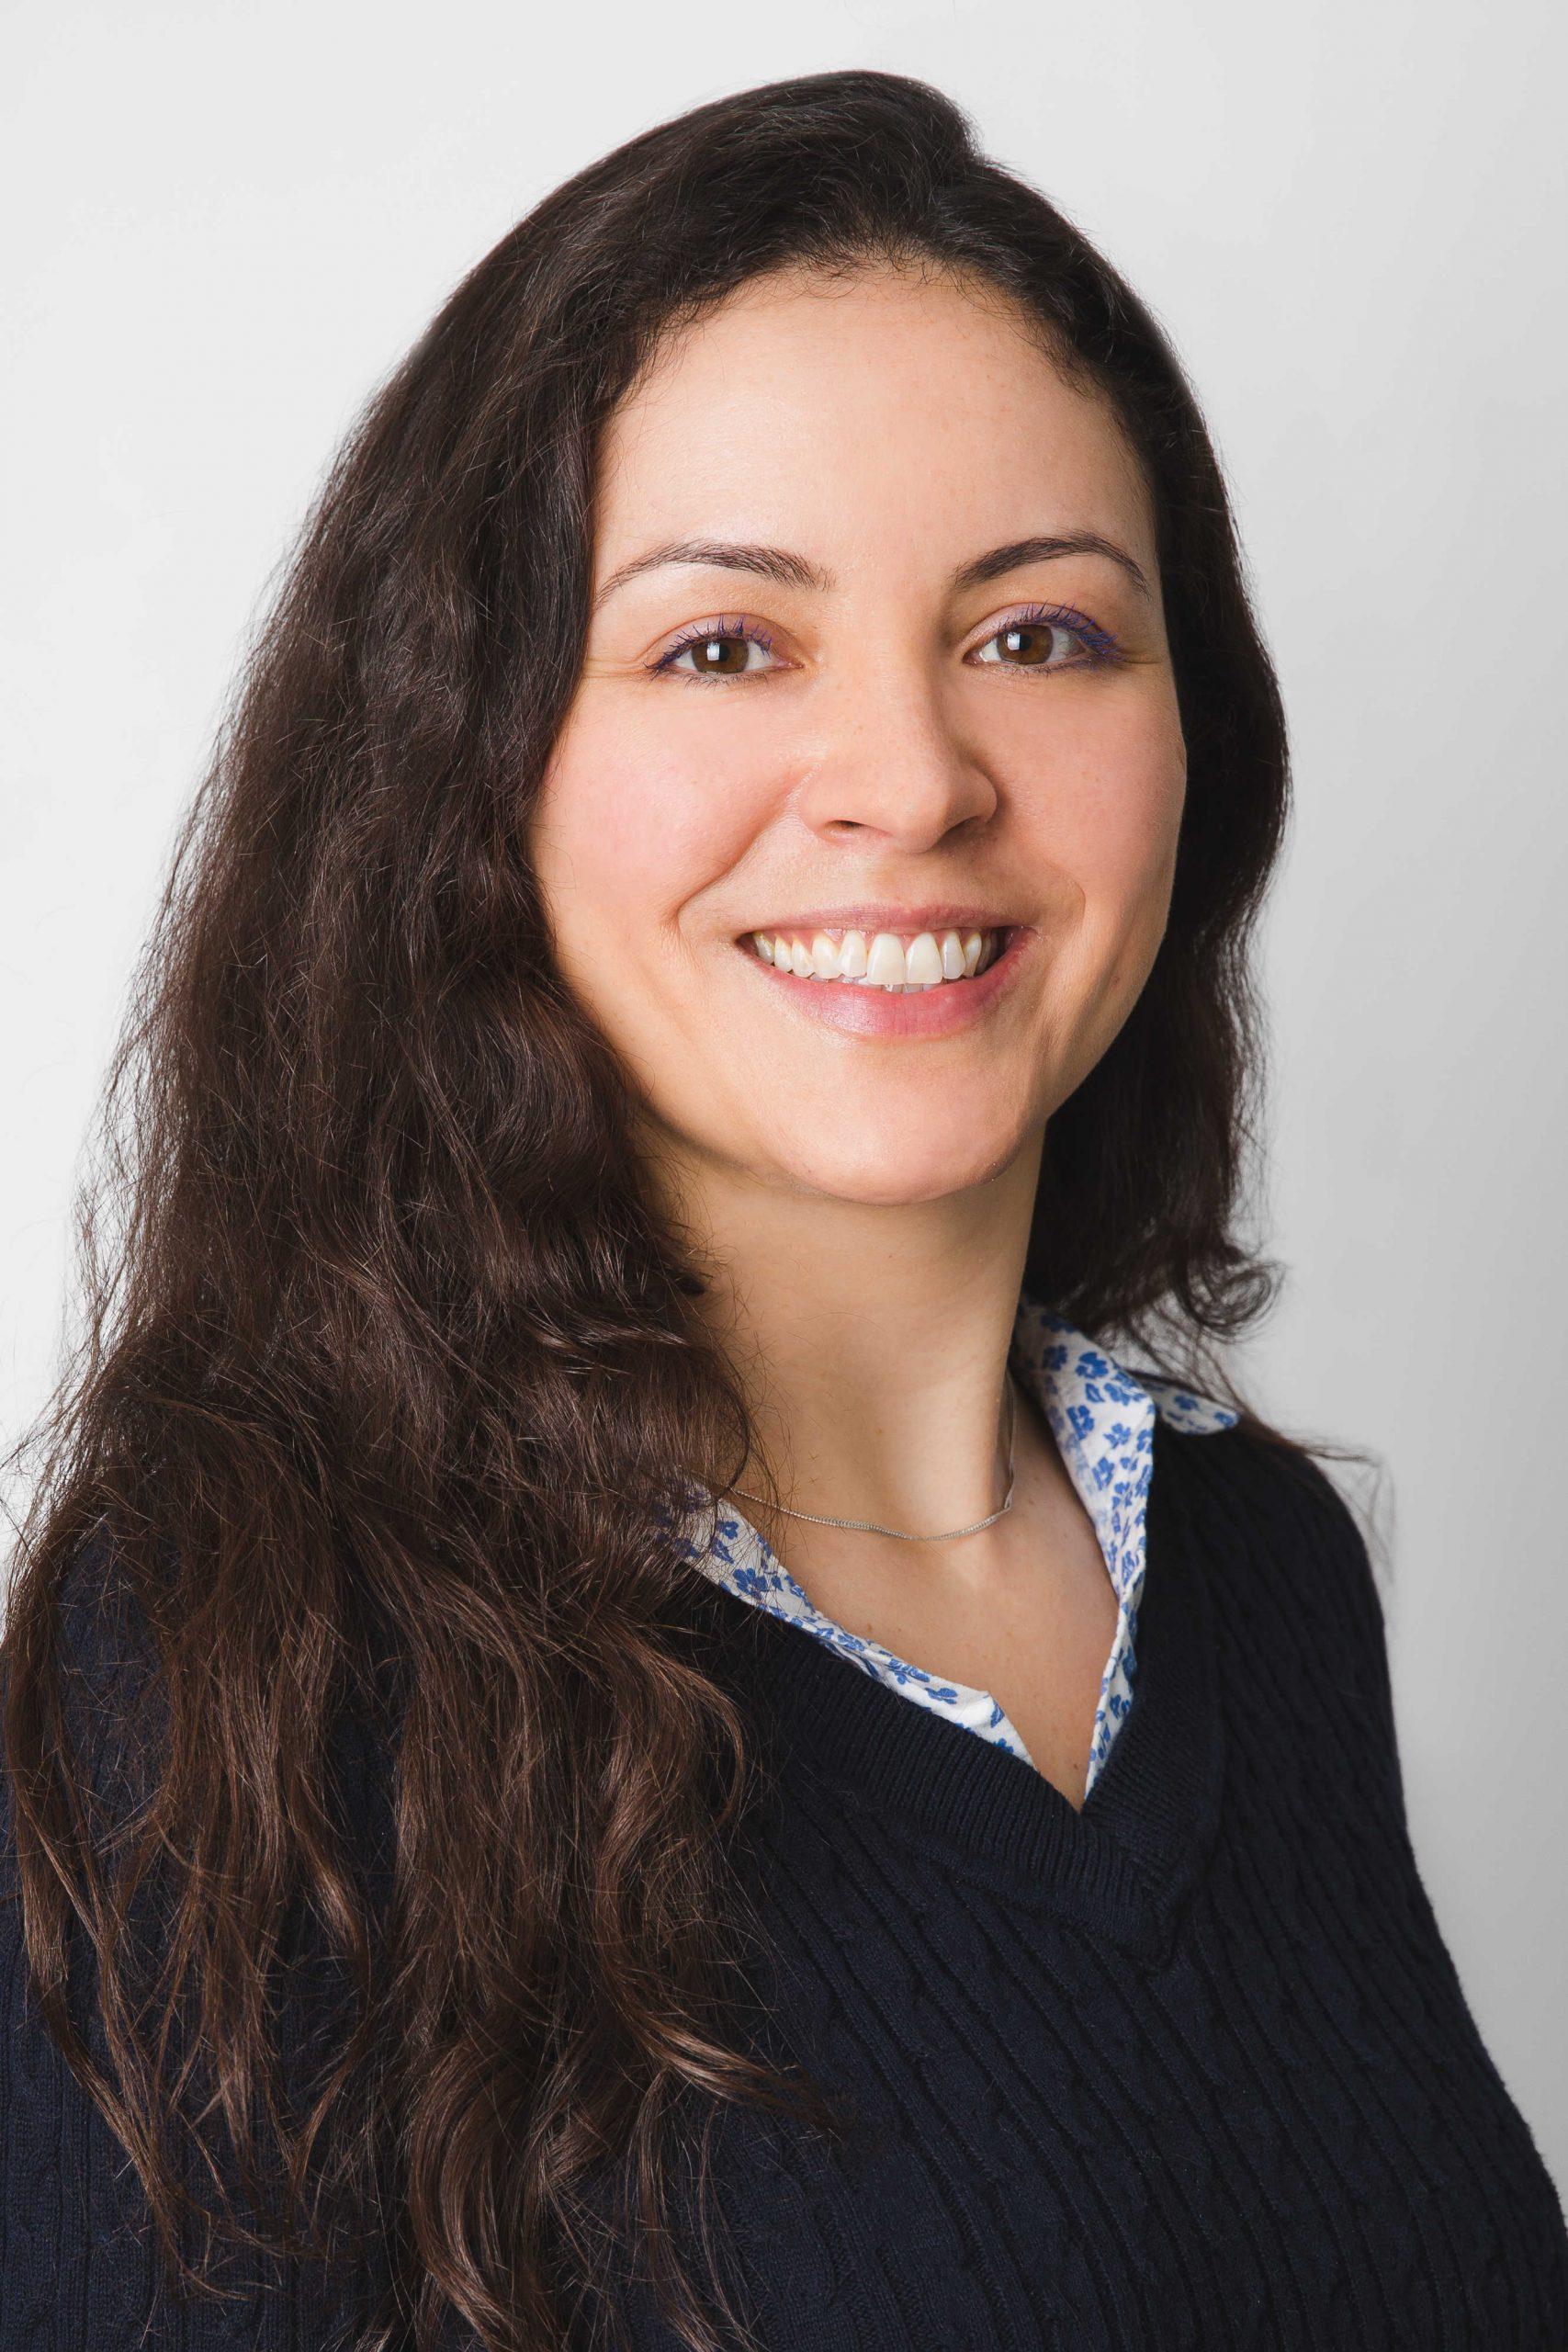 Raquel Achnitz